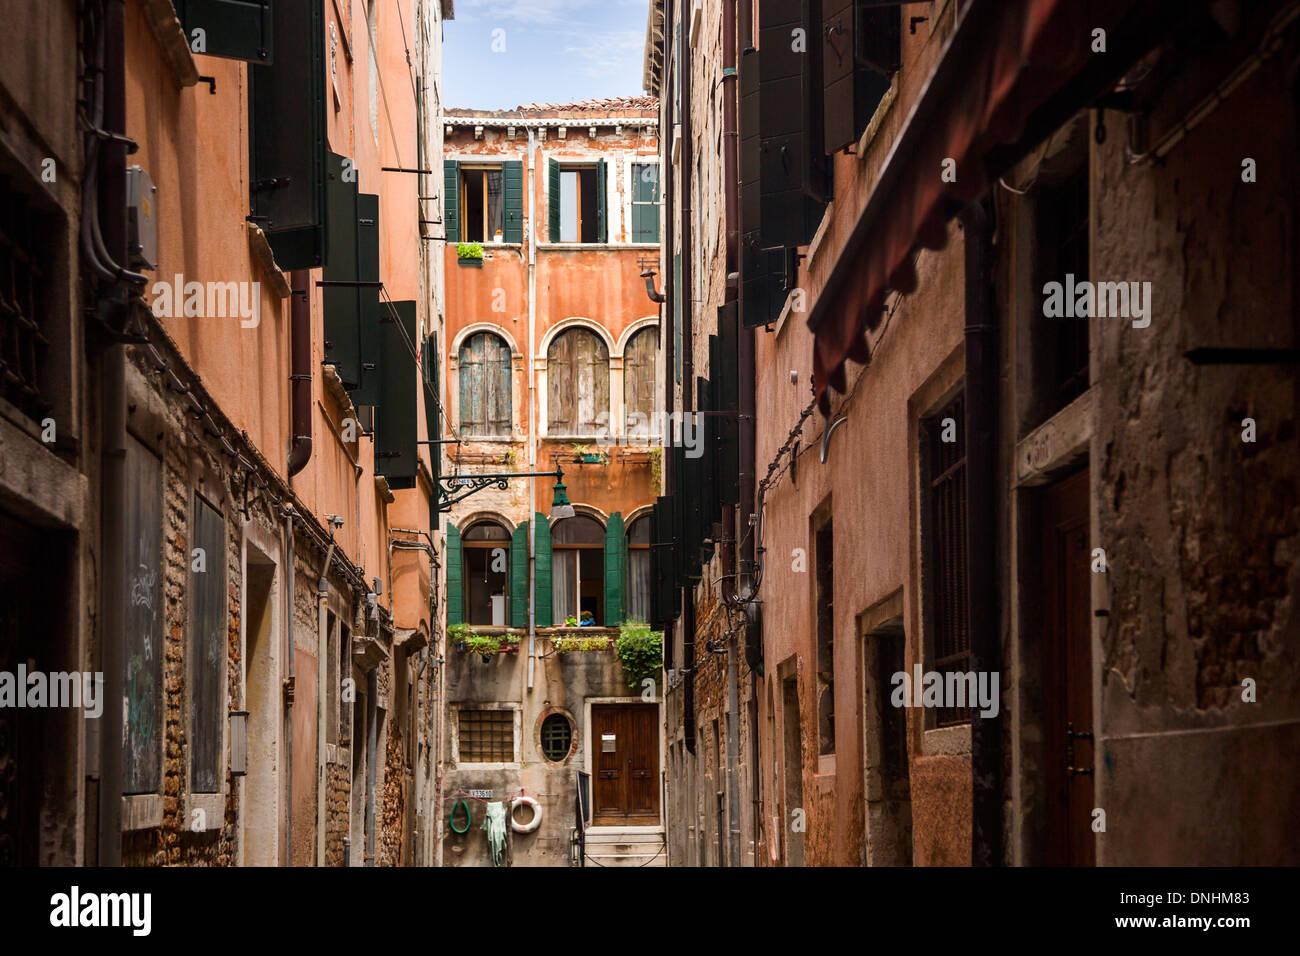 Edifici lungo una strada, Venezia, Veneto, Italia Foto Stock